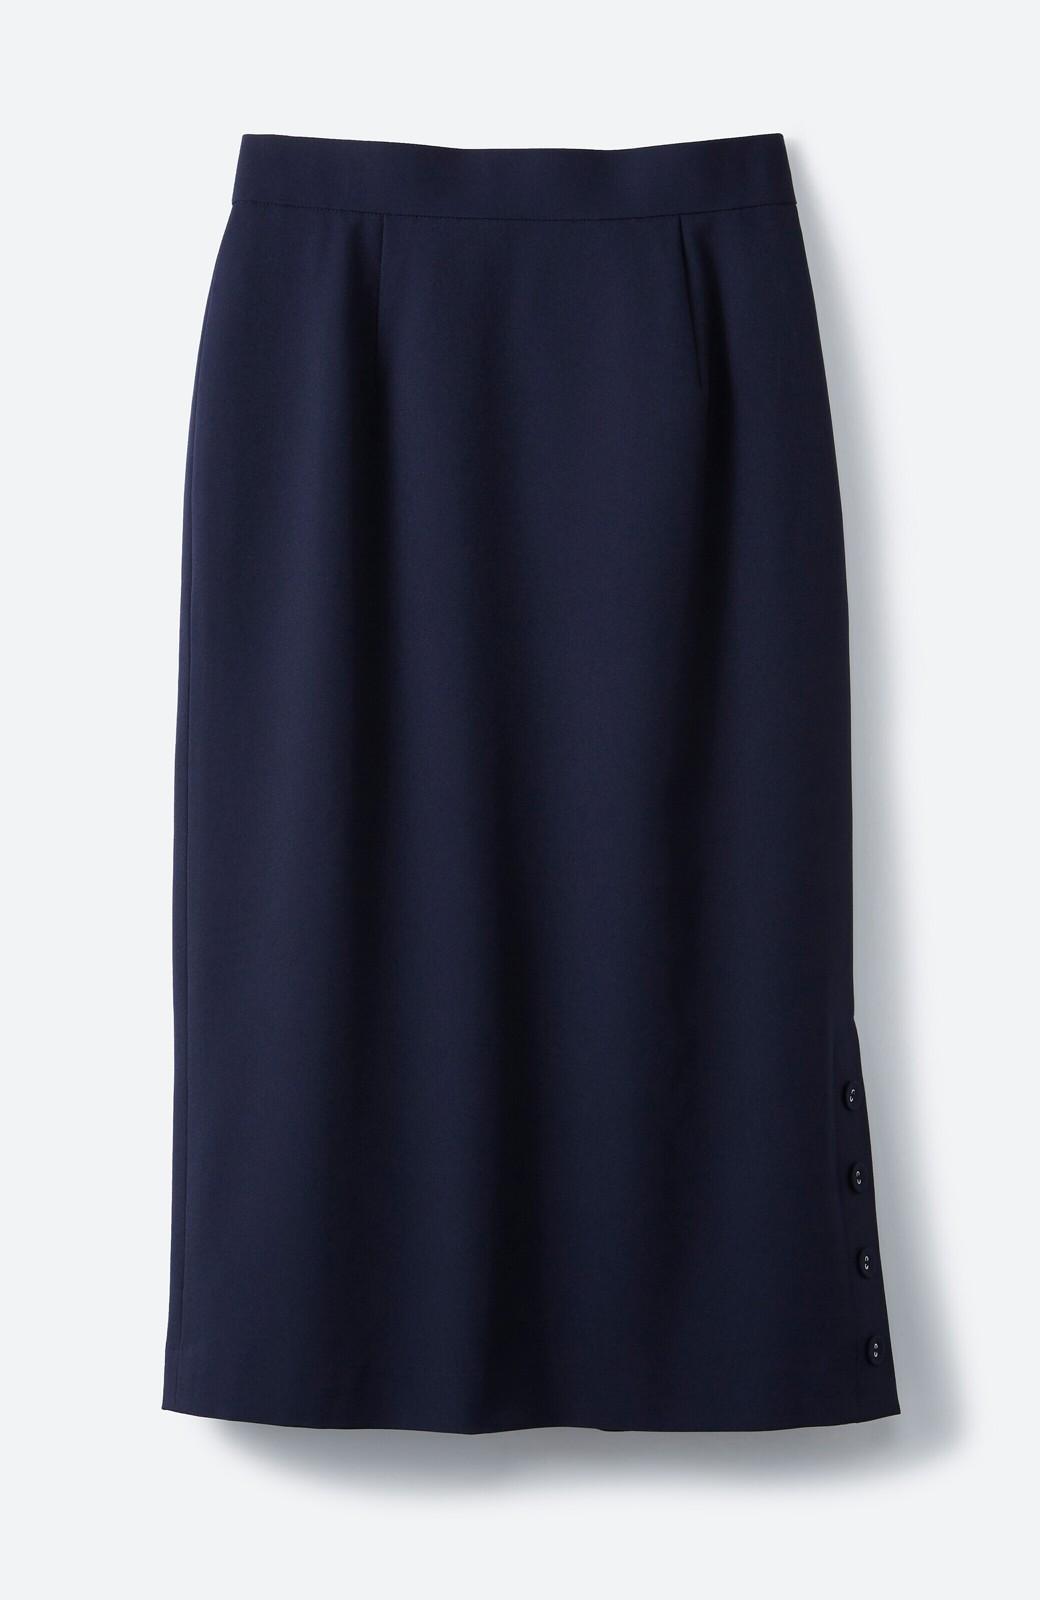 haco! 持っていると便利な 野暮ったくならないきれいめタイトスカート <ダークネイビー>の商品写真1